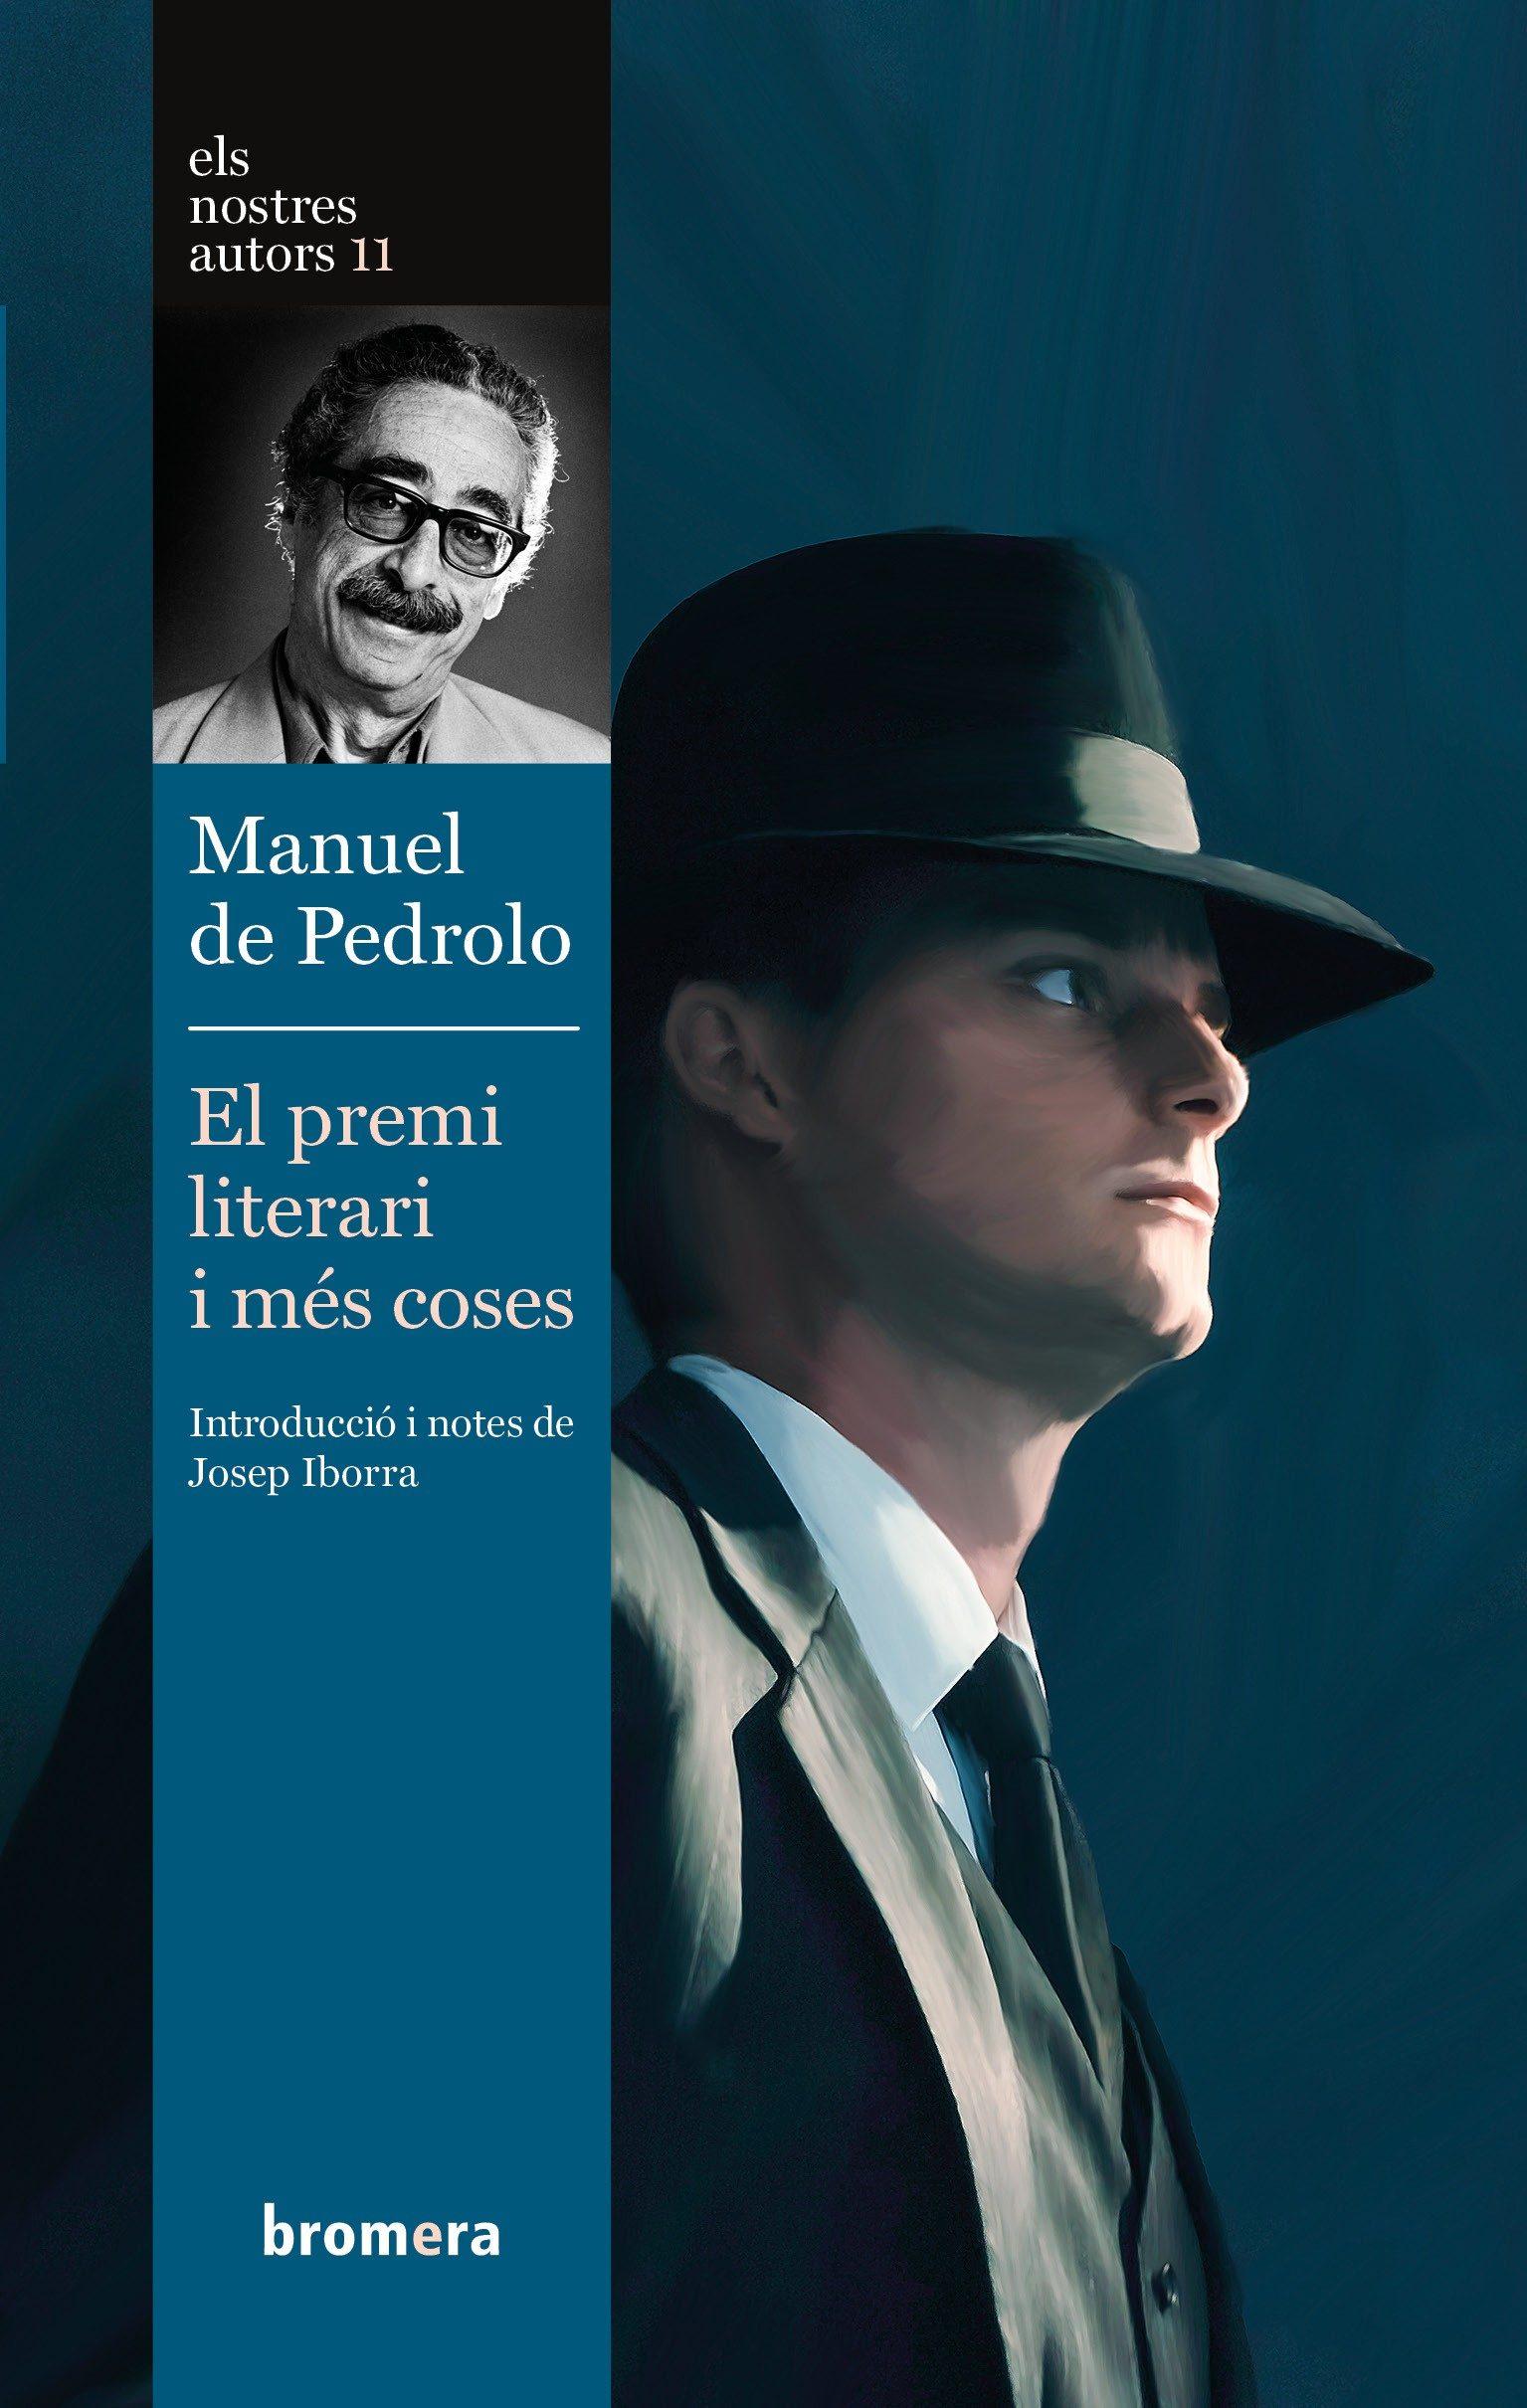 el premi literari i mes coses-manuel de pedrolo-9788476600597